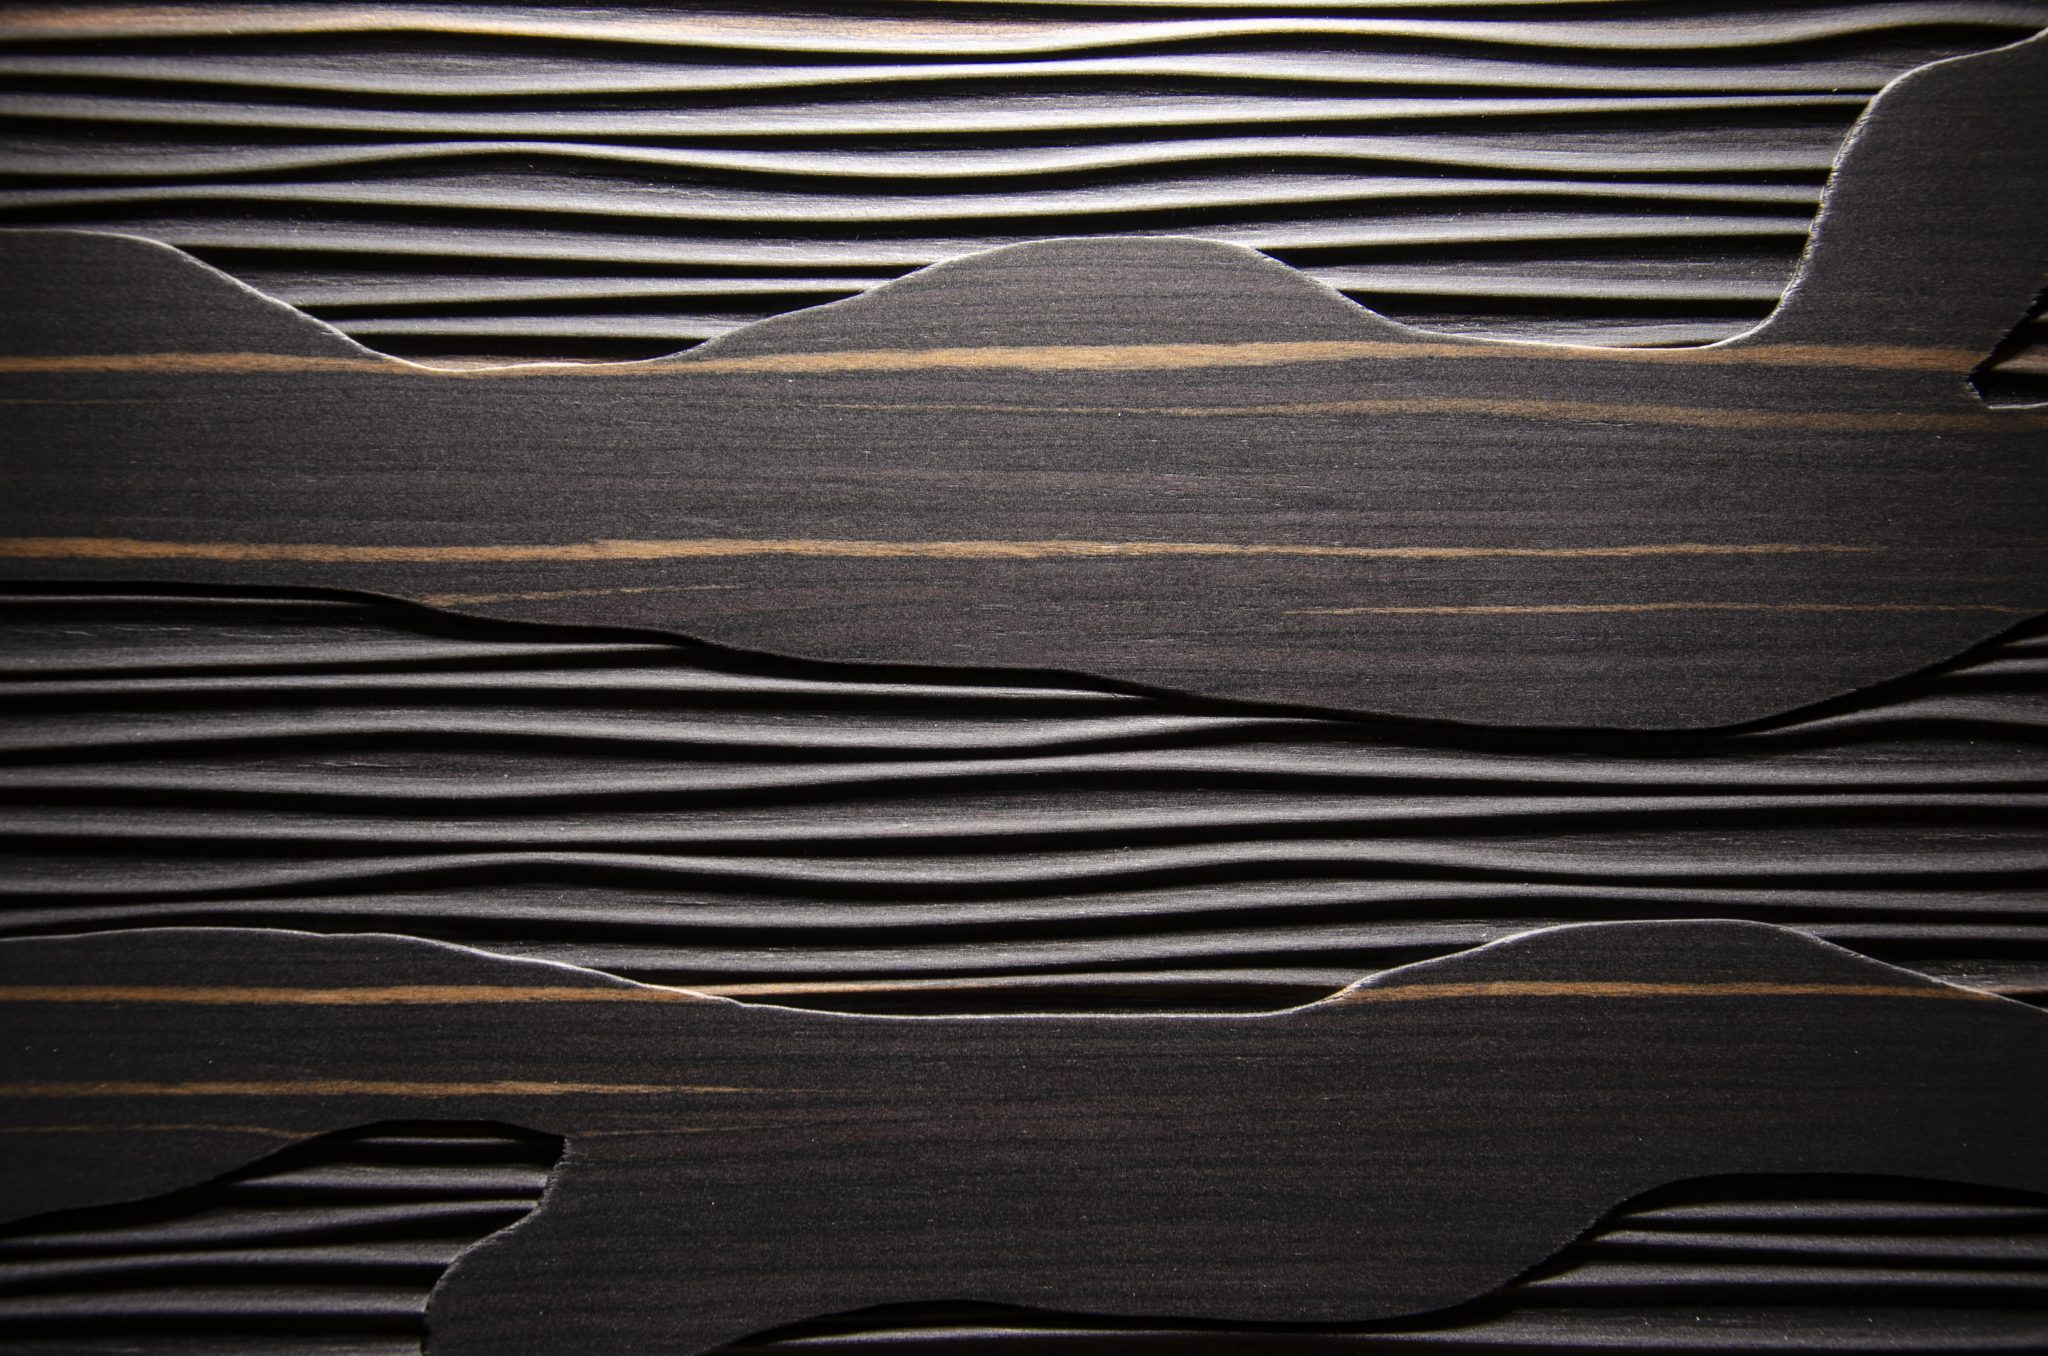 2395 - PYTHON - Maro Ebenholz - Alpi Furnier